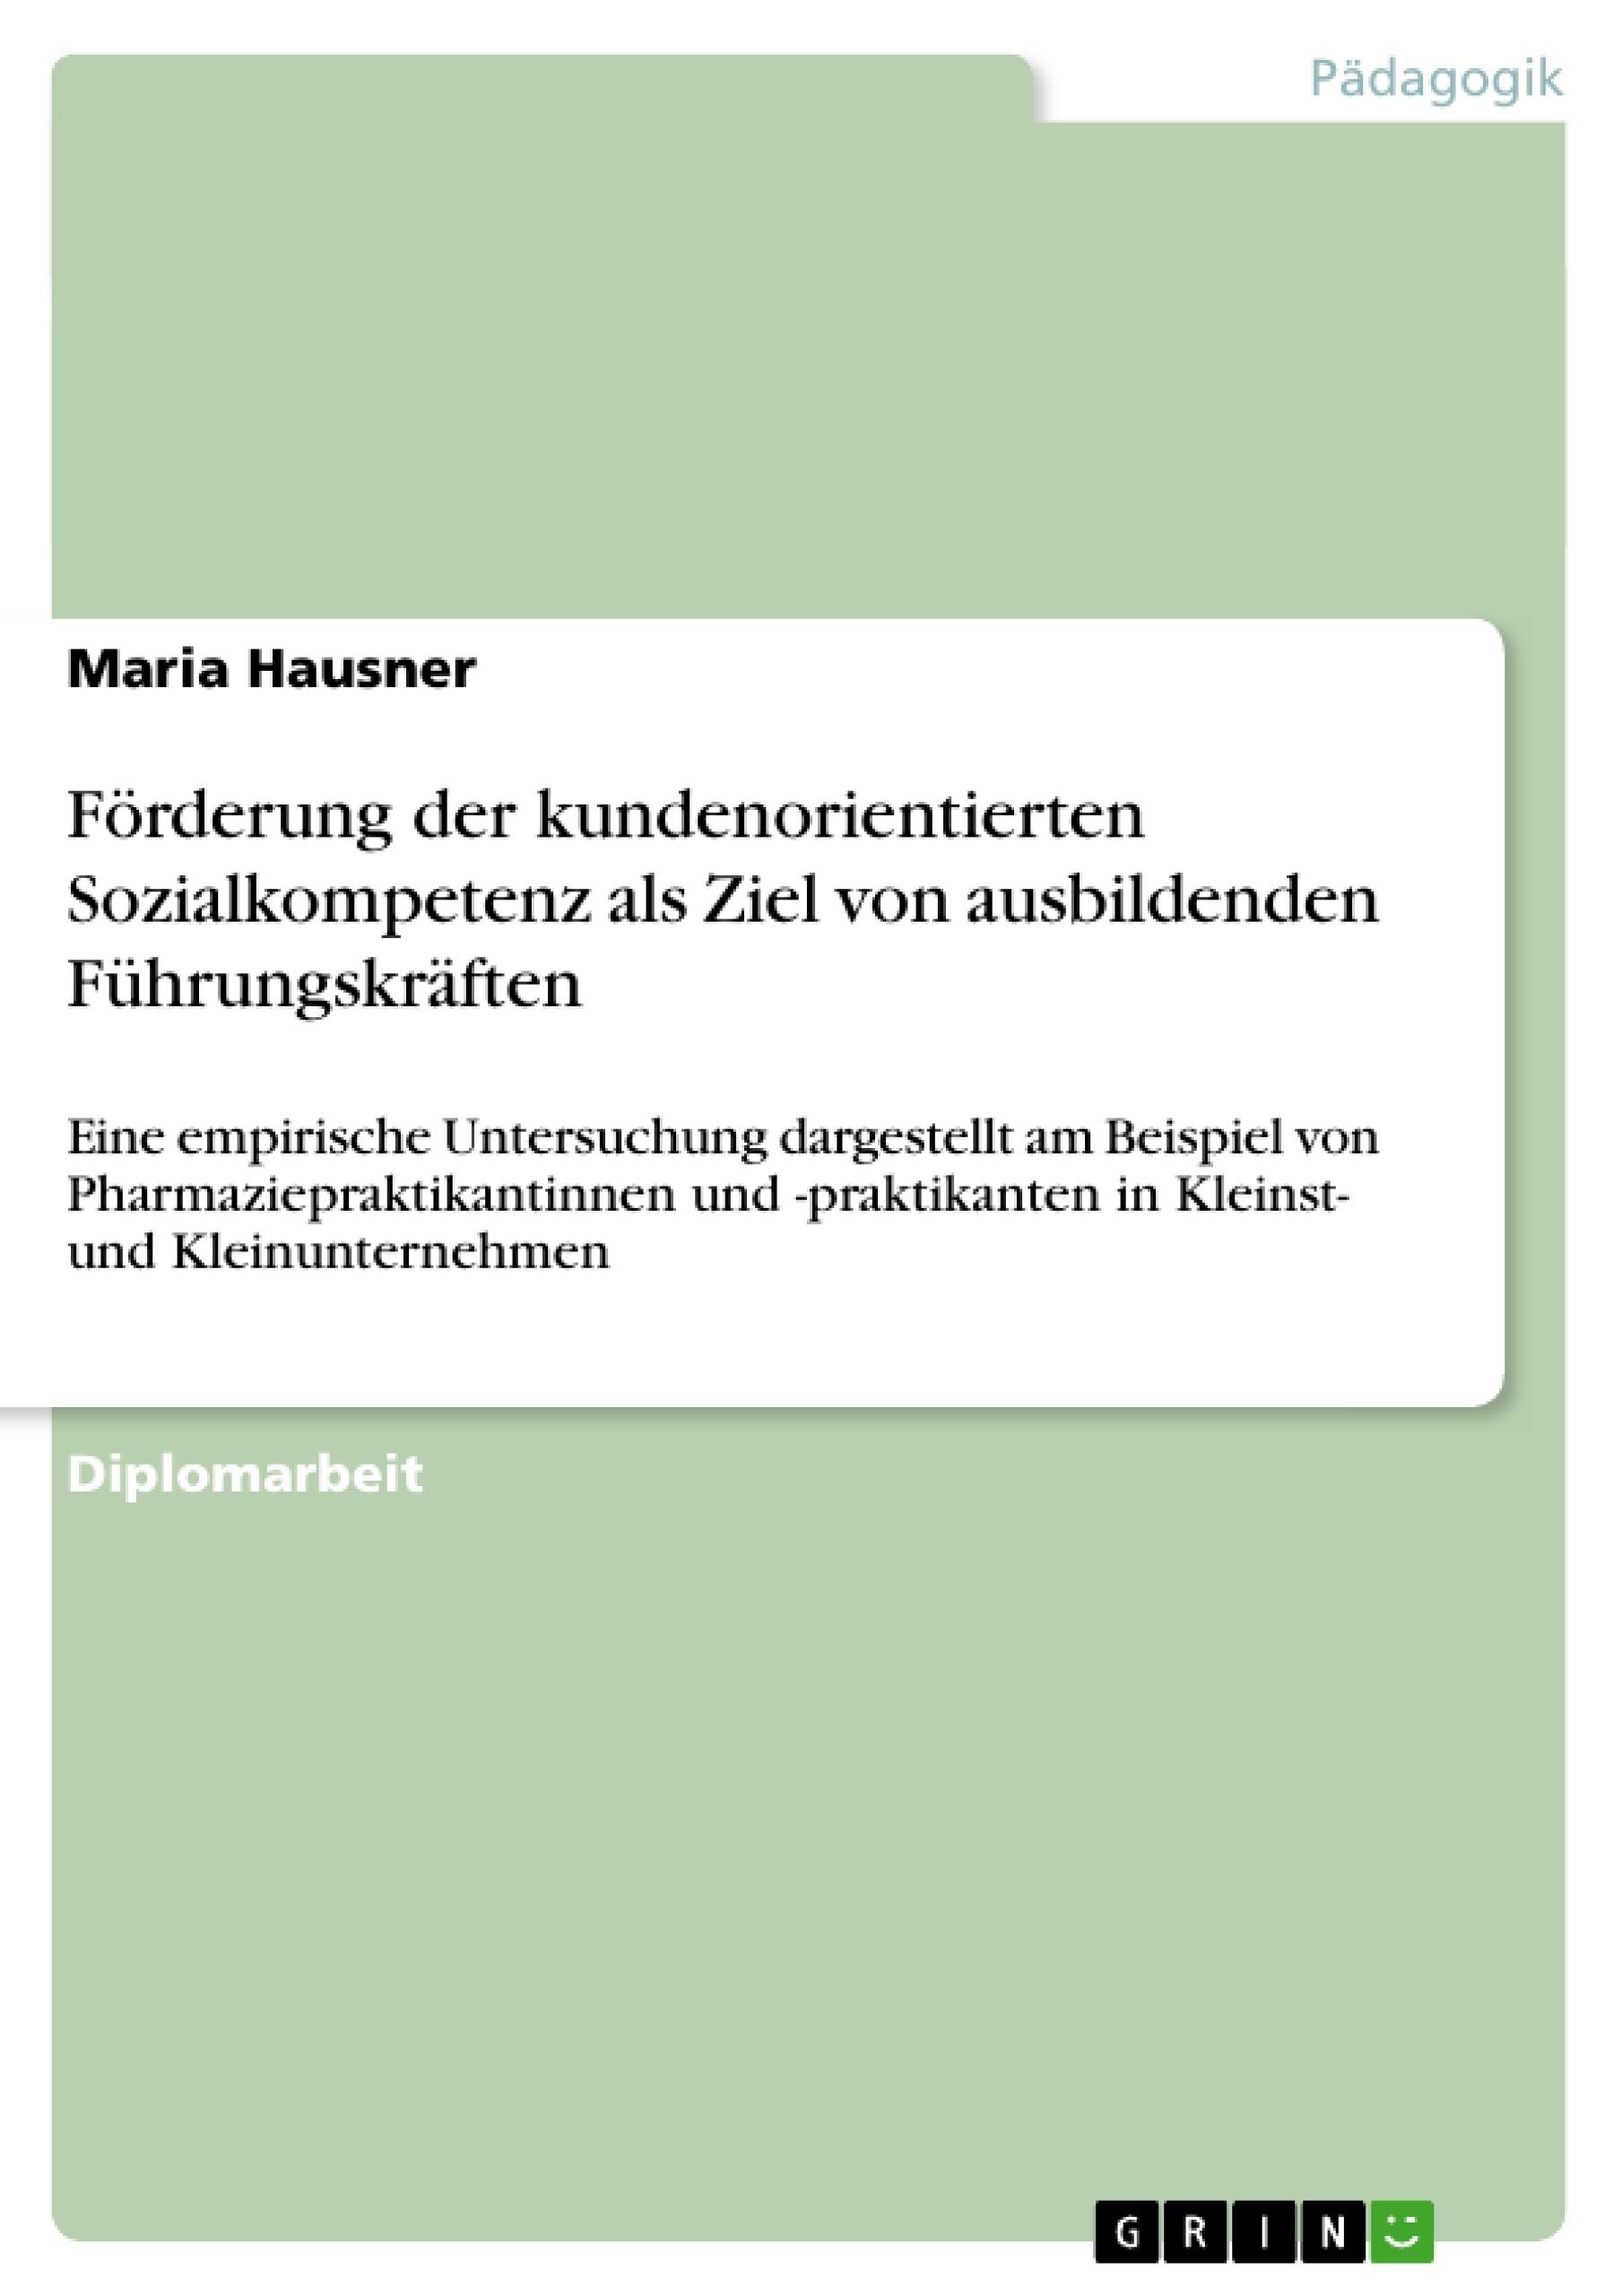 Titel: Förderung der kundenorientierten Sozialkompetenz als Ziel von ausbildenden Führungskräften